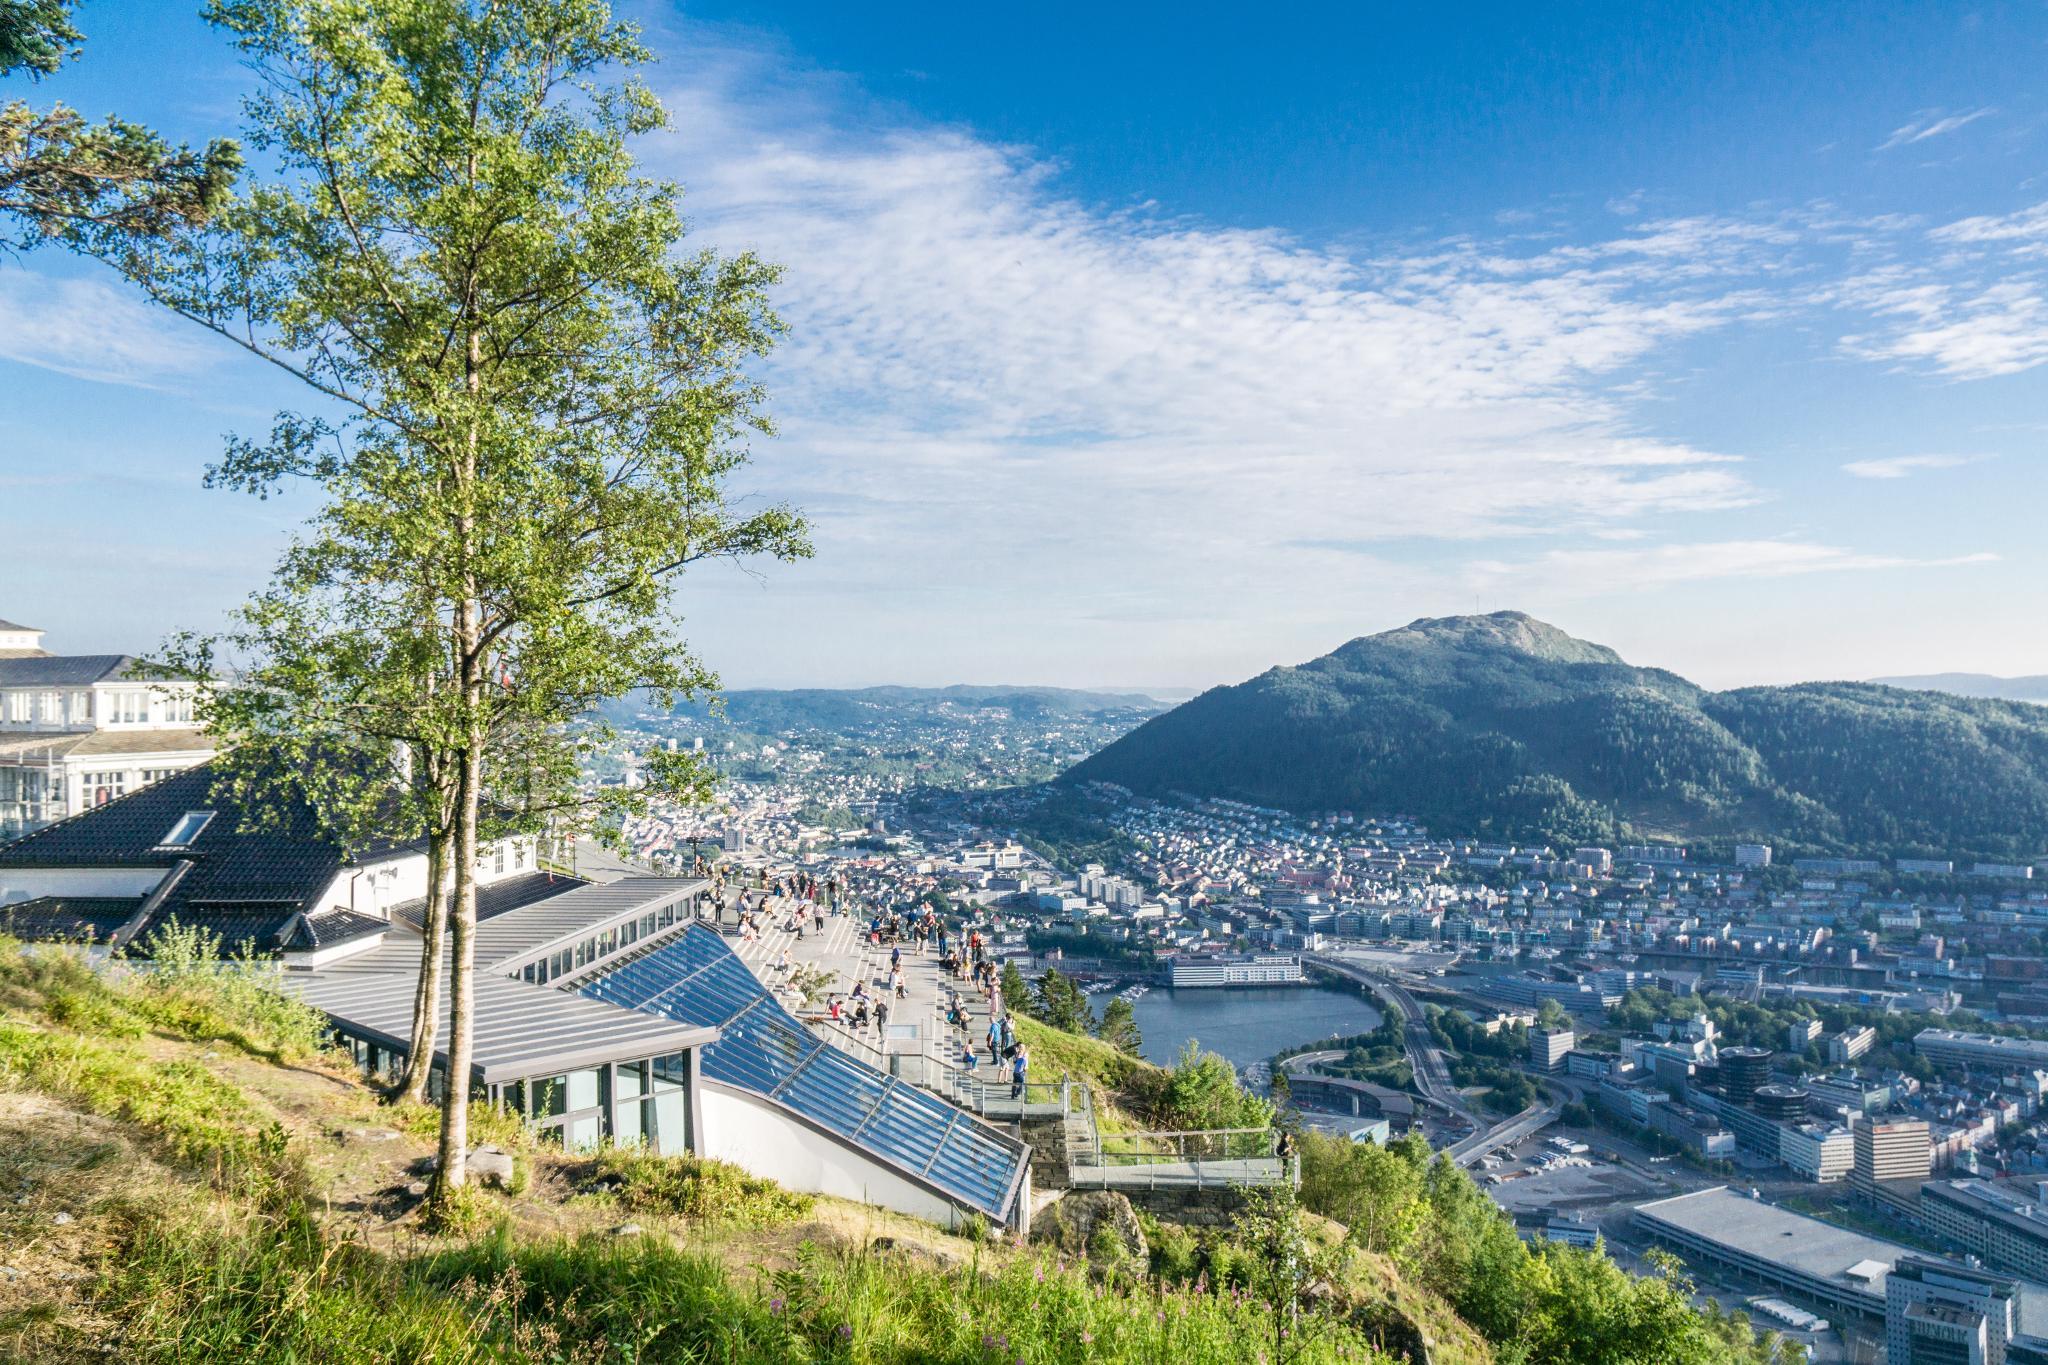 【卑爾根】Fløyen 佛洛伊恩山纜車與觀景台 — 擁抱文化港都的百萬美景 84